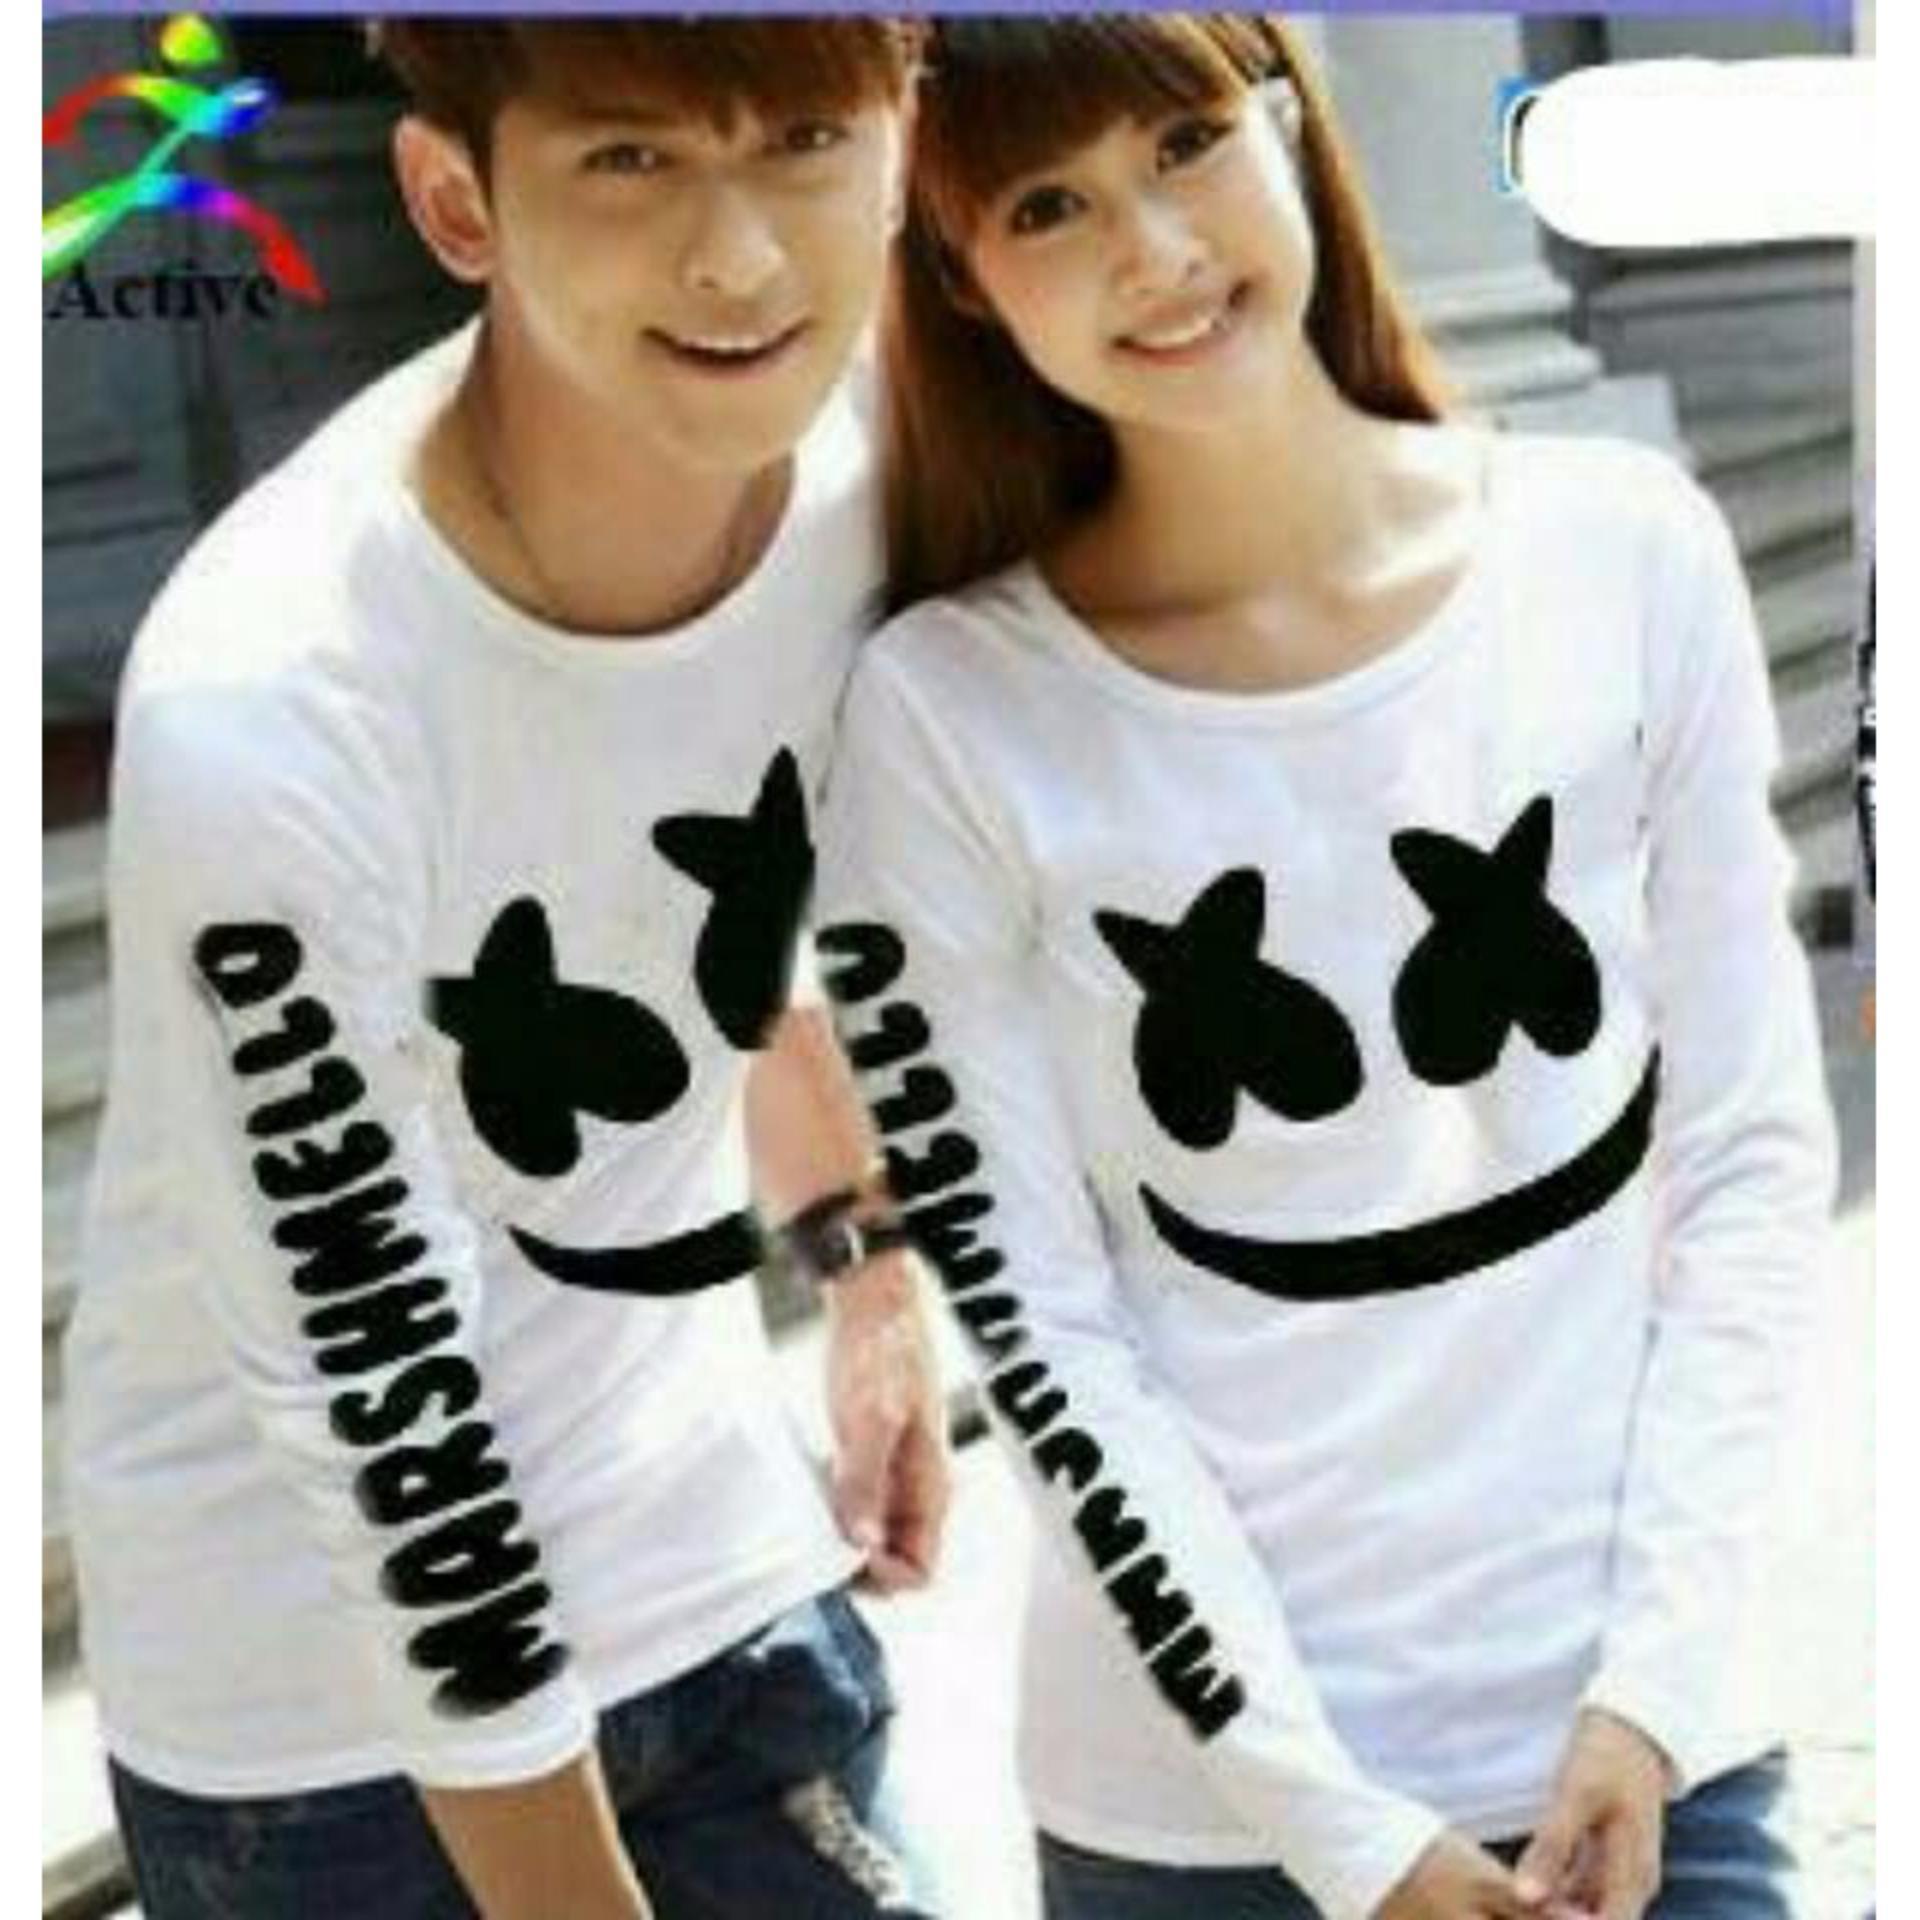 legiONshop-baju pasangan Kaos pasangan atasan couple kaos couple XX MELLO PD black. Source